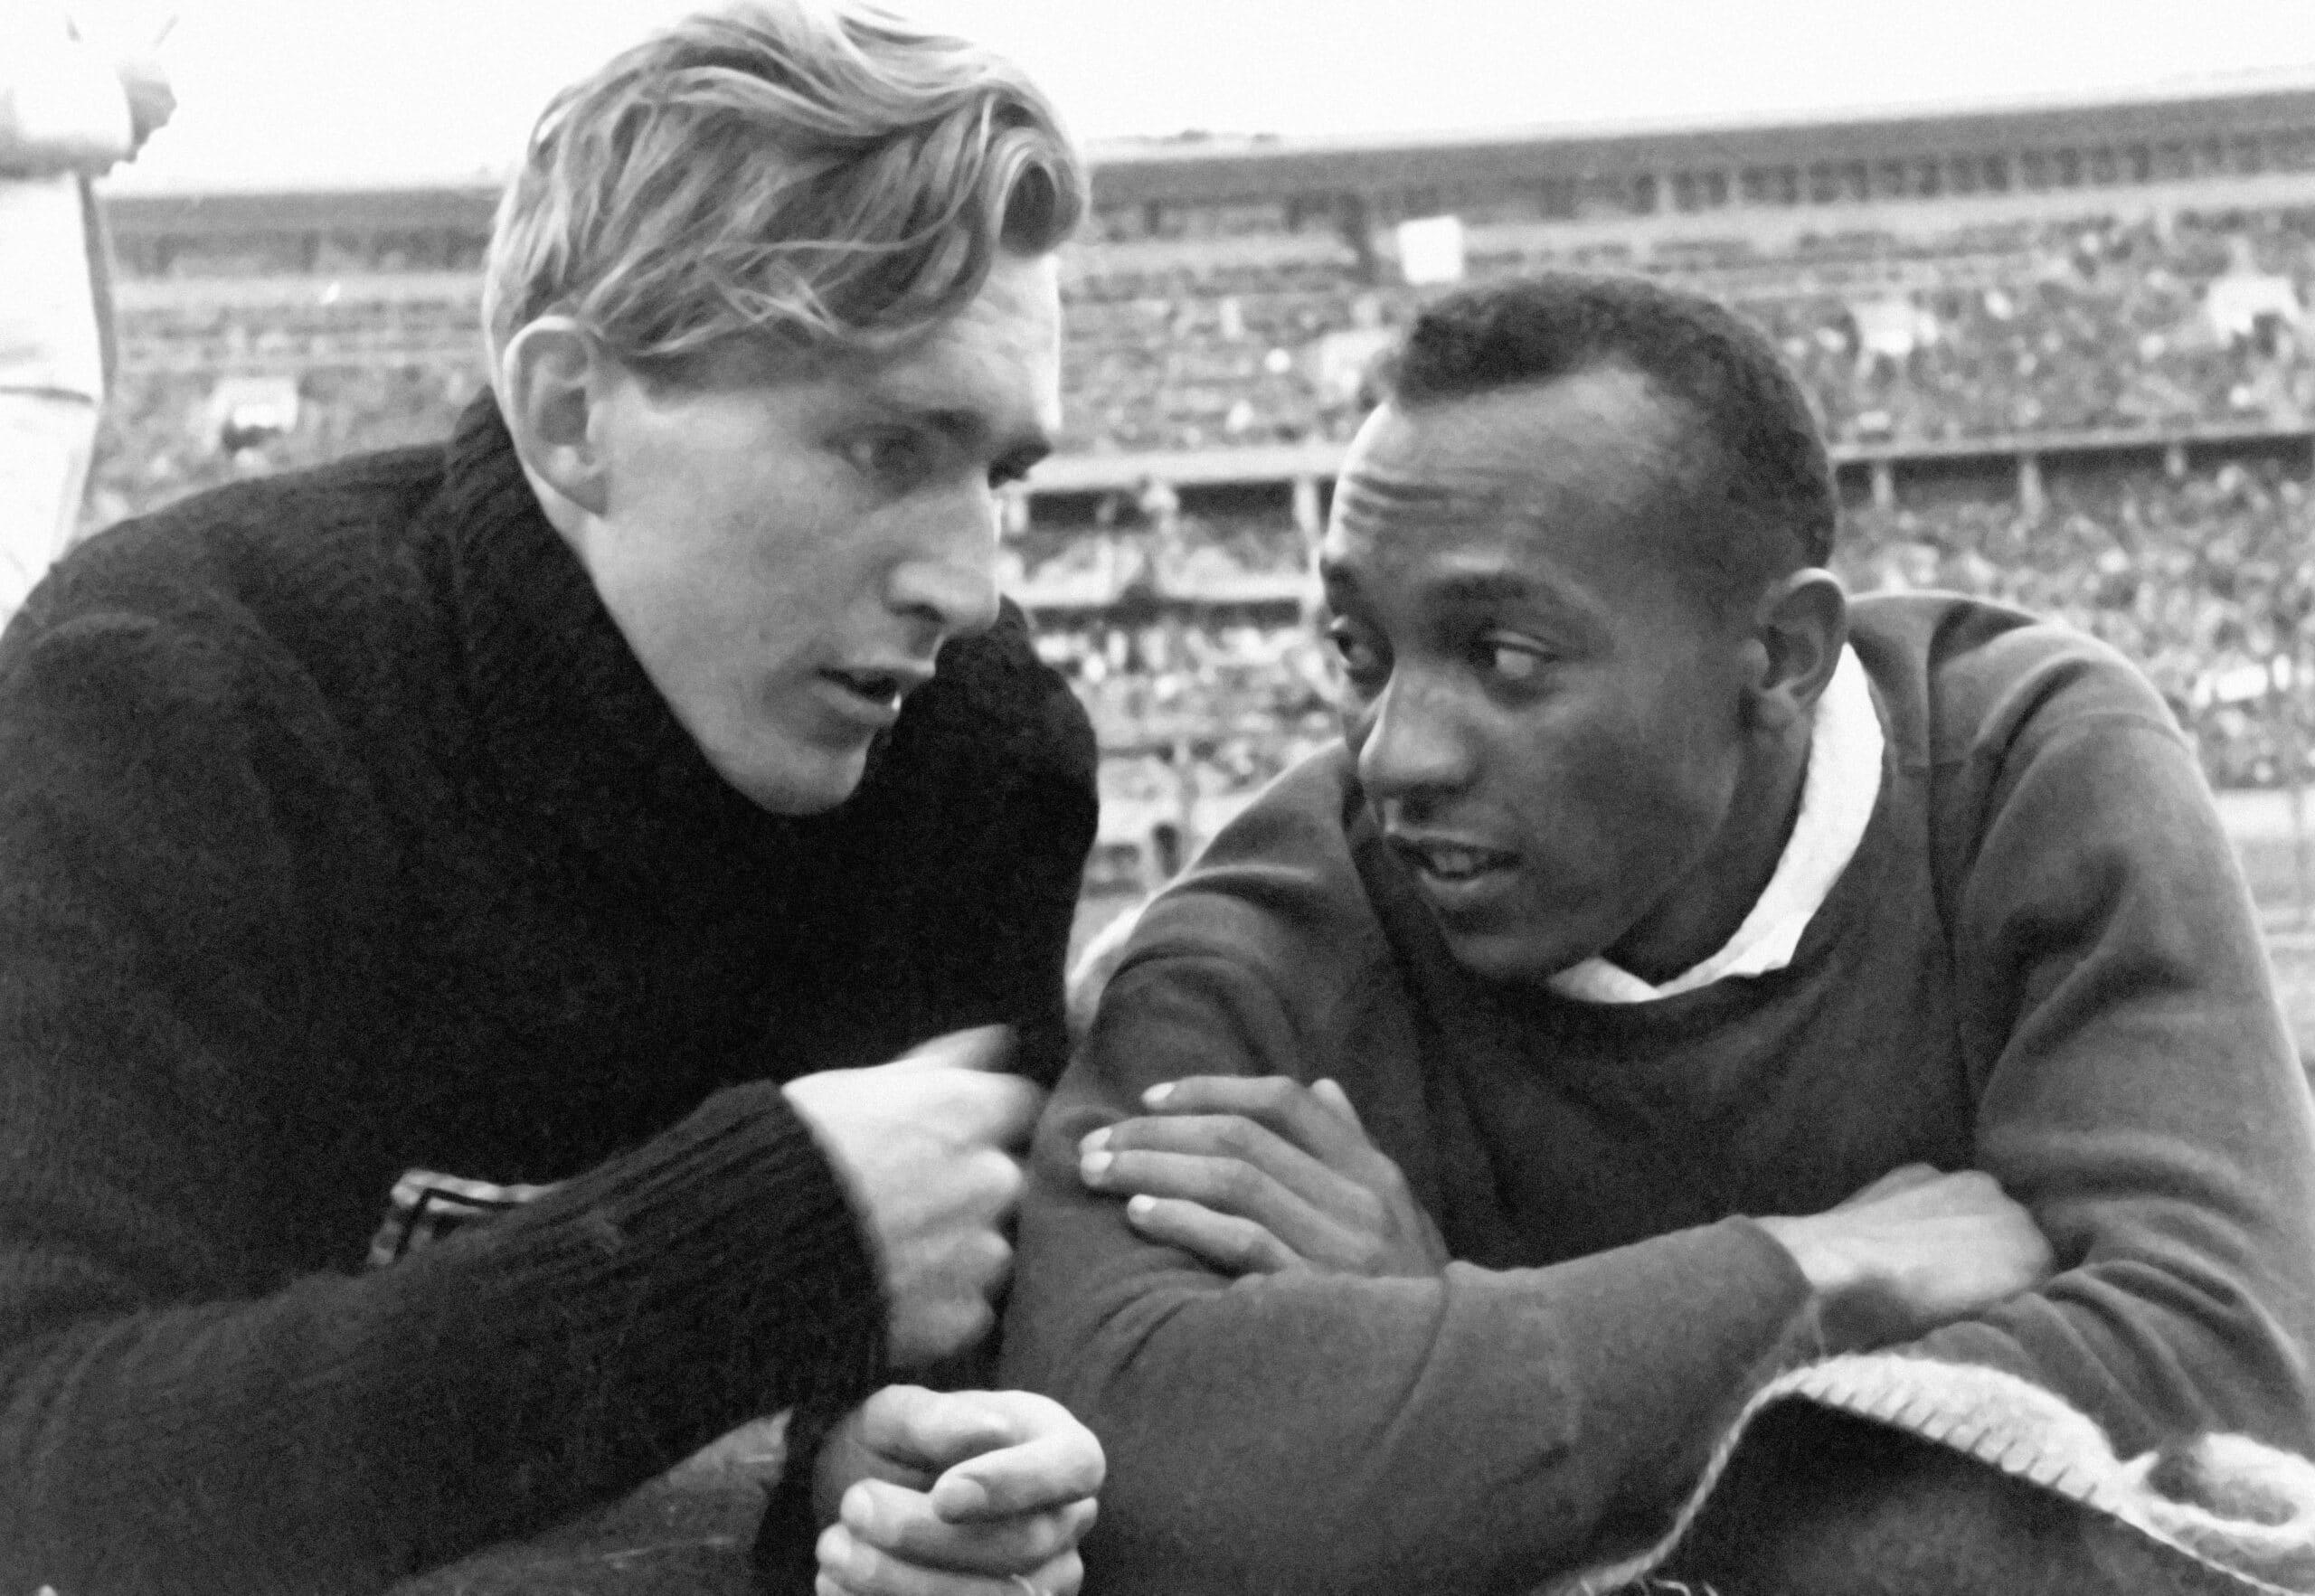 La amistad de los atletas Jessi Owens y Luz Long trascendió a la Alemania nazi. Foto: Elnacional.cat